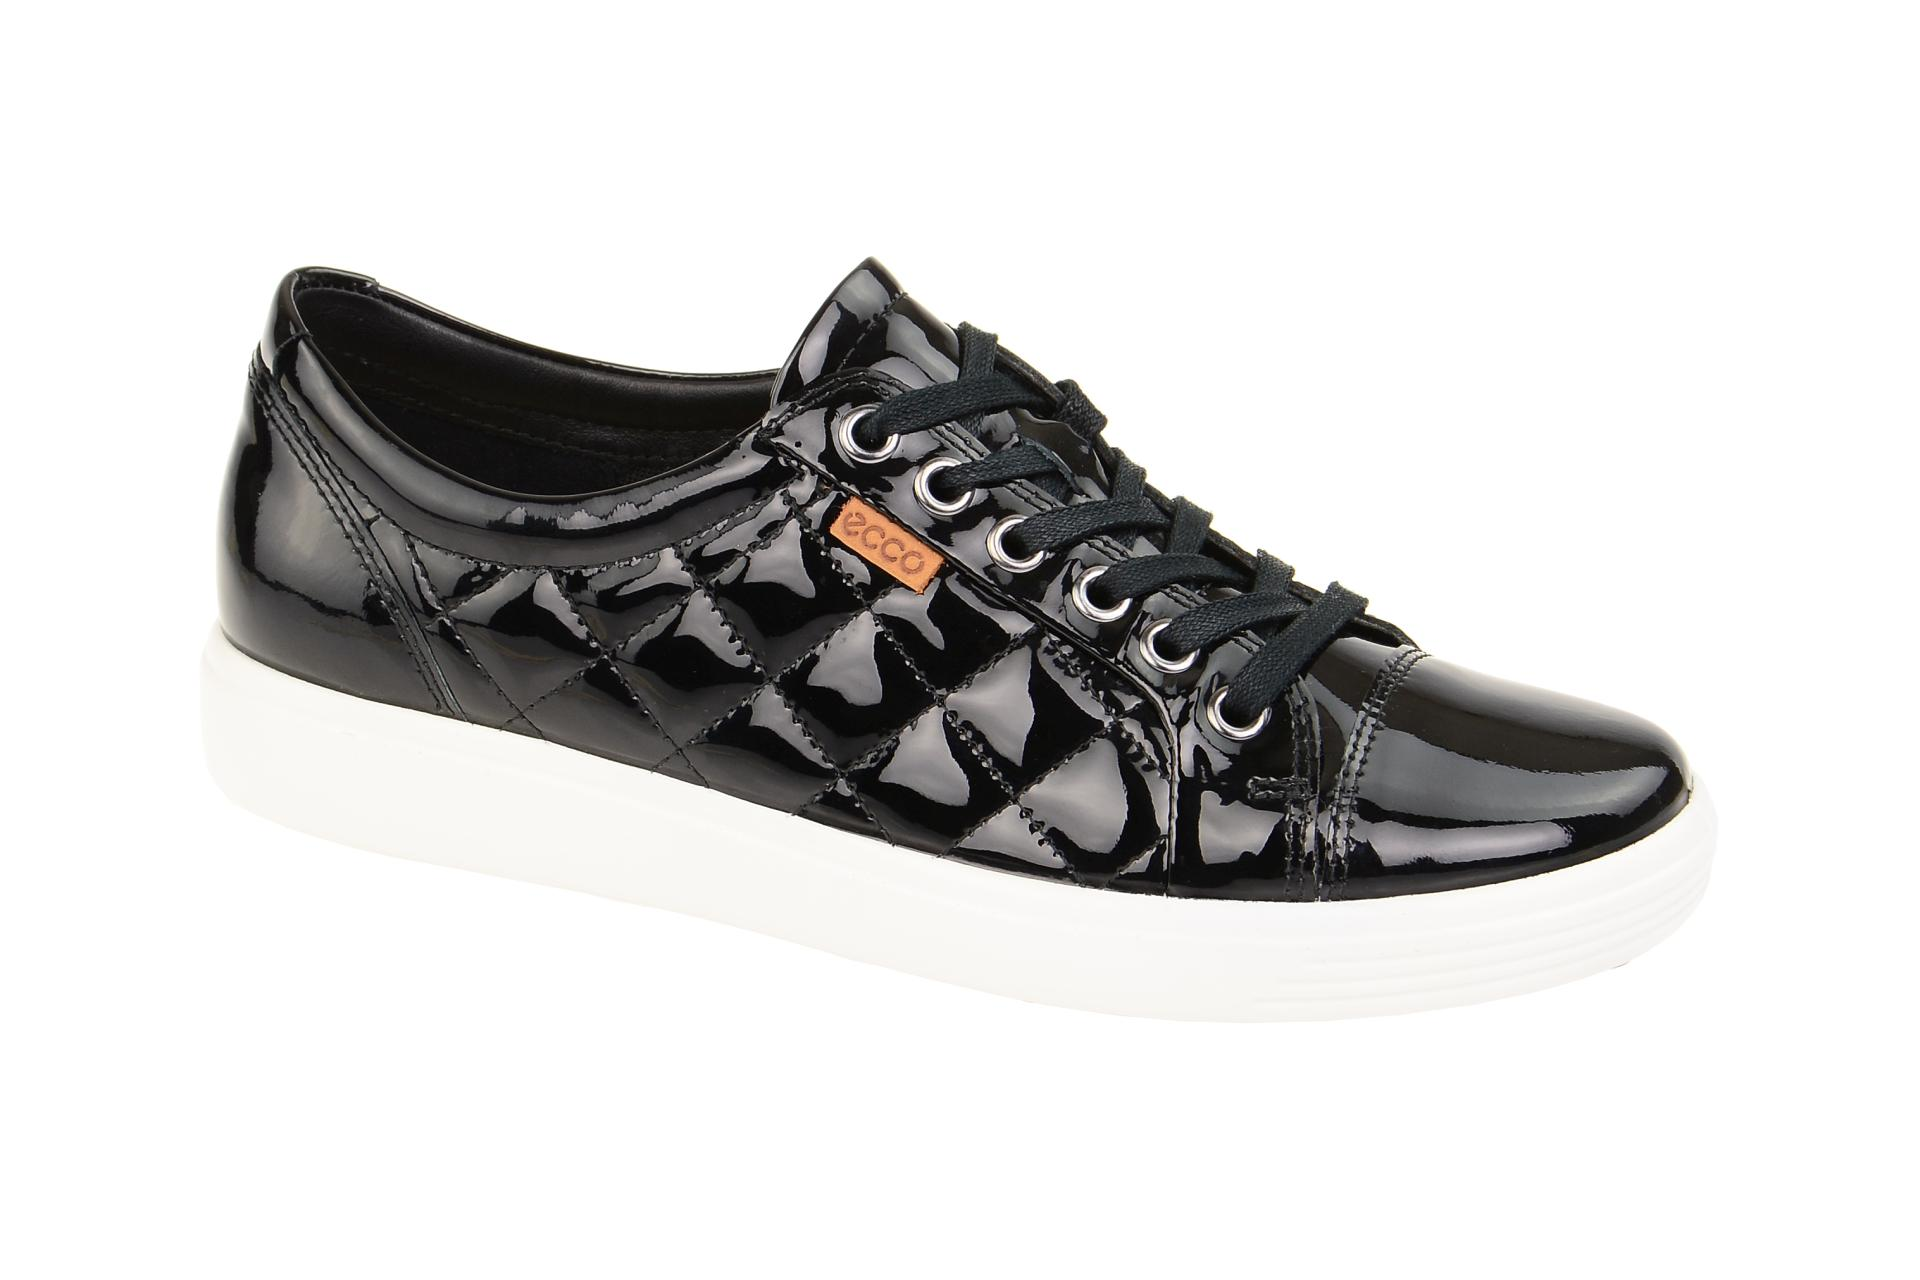 3afe014ecff0f5 Ecco Soft 7 Schuhe schwarz Lack Sneaker - Schuhhaus Strauch Shop